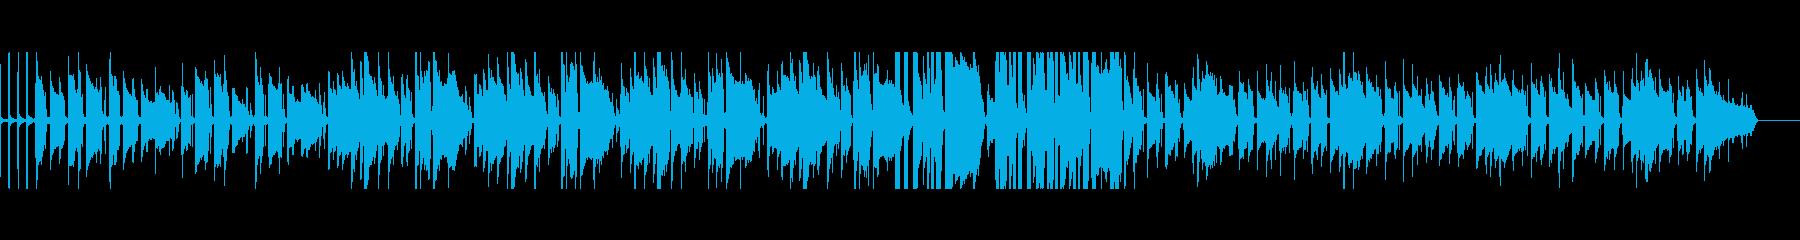 エンディングにぴったりなギターインストの再生済みの波形